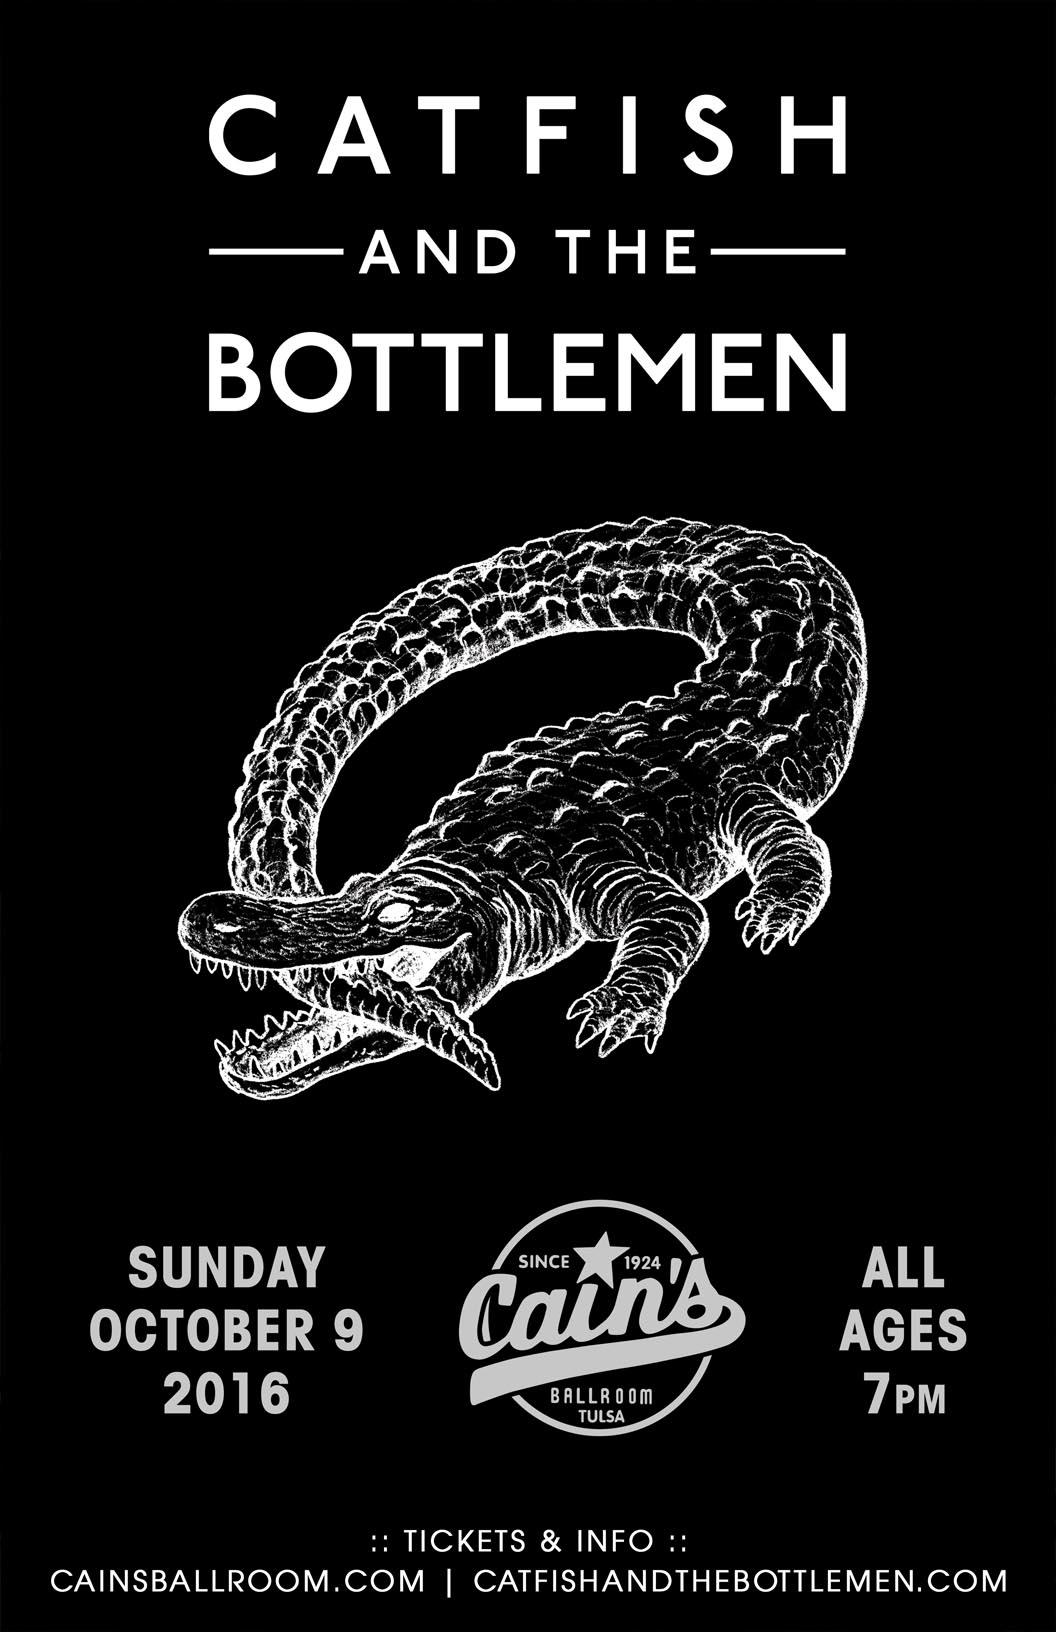 catifsh and the bottlemen